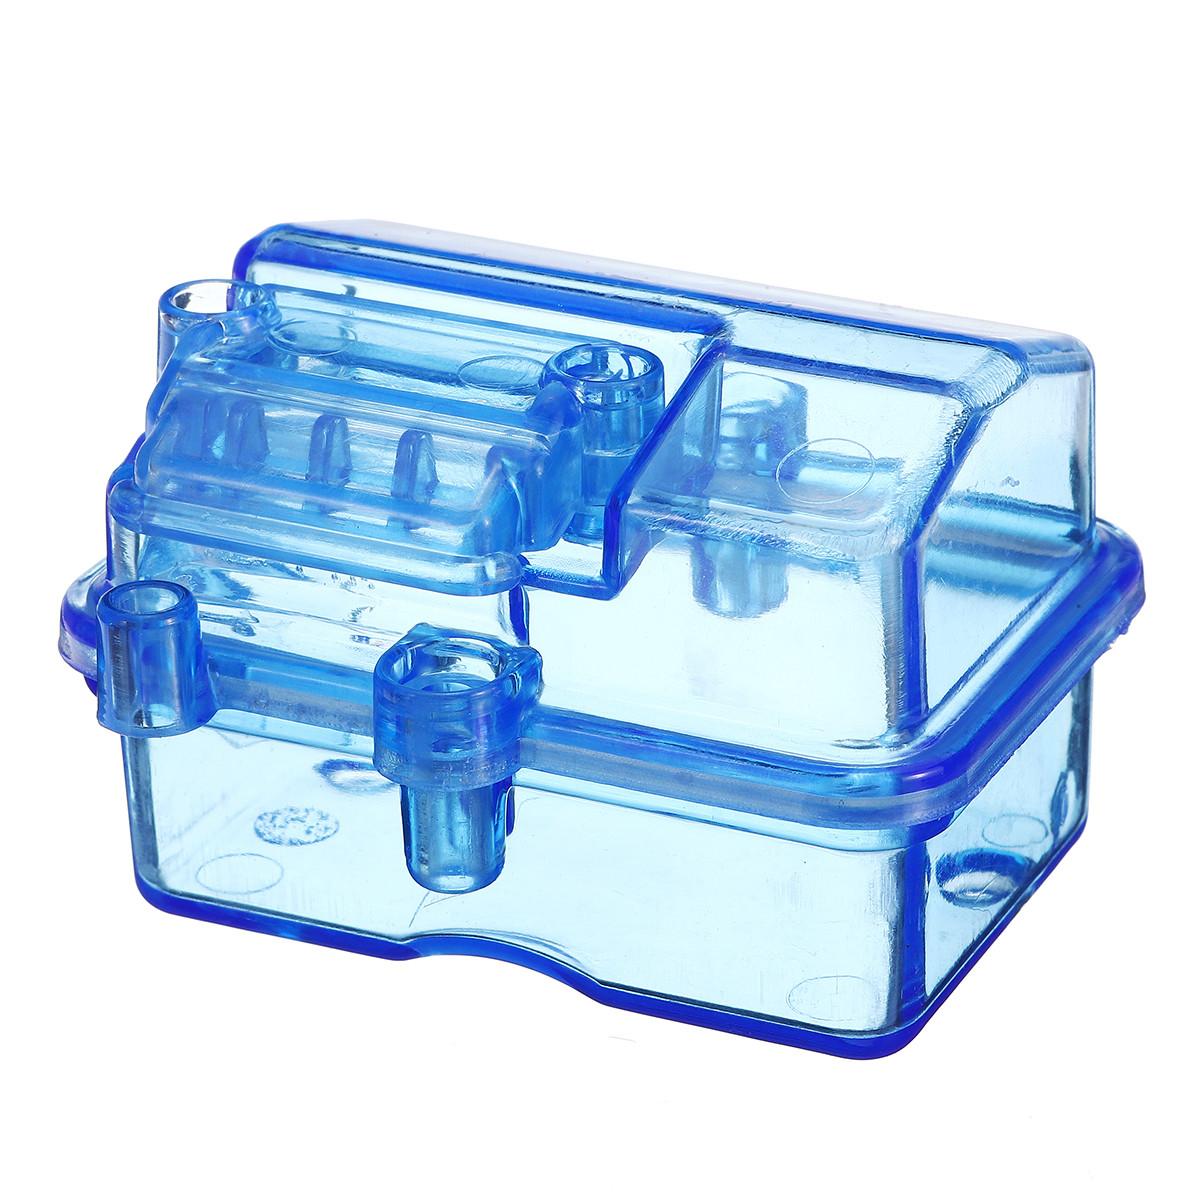 Мини Водонепроницаемы Пластик Прозрачный Приемник Коробка P2047 Для 1/10 RC Short Slash HQ727 - 1TopShop